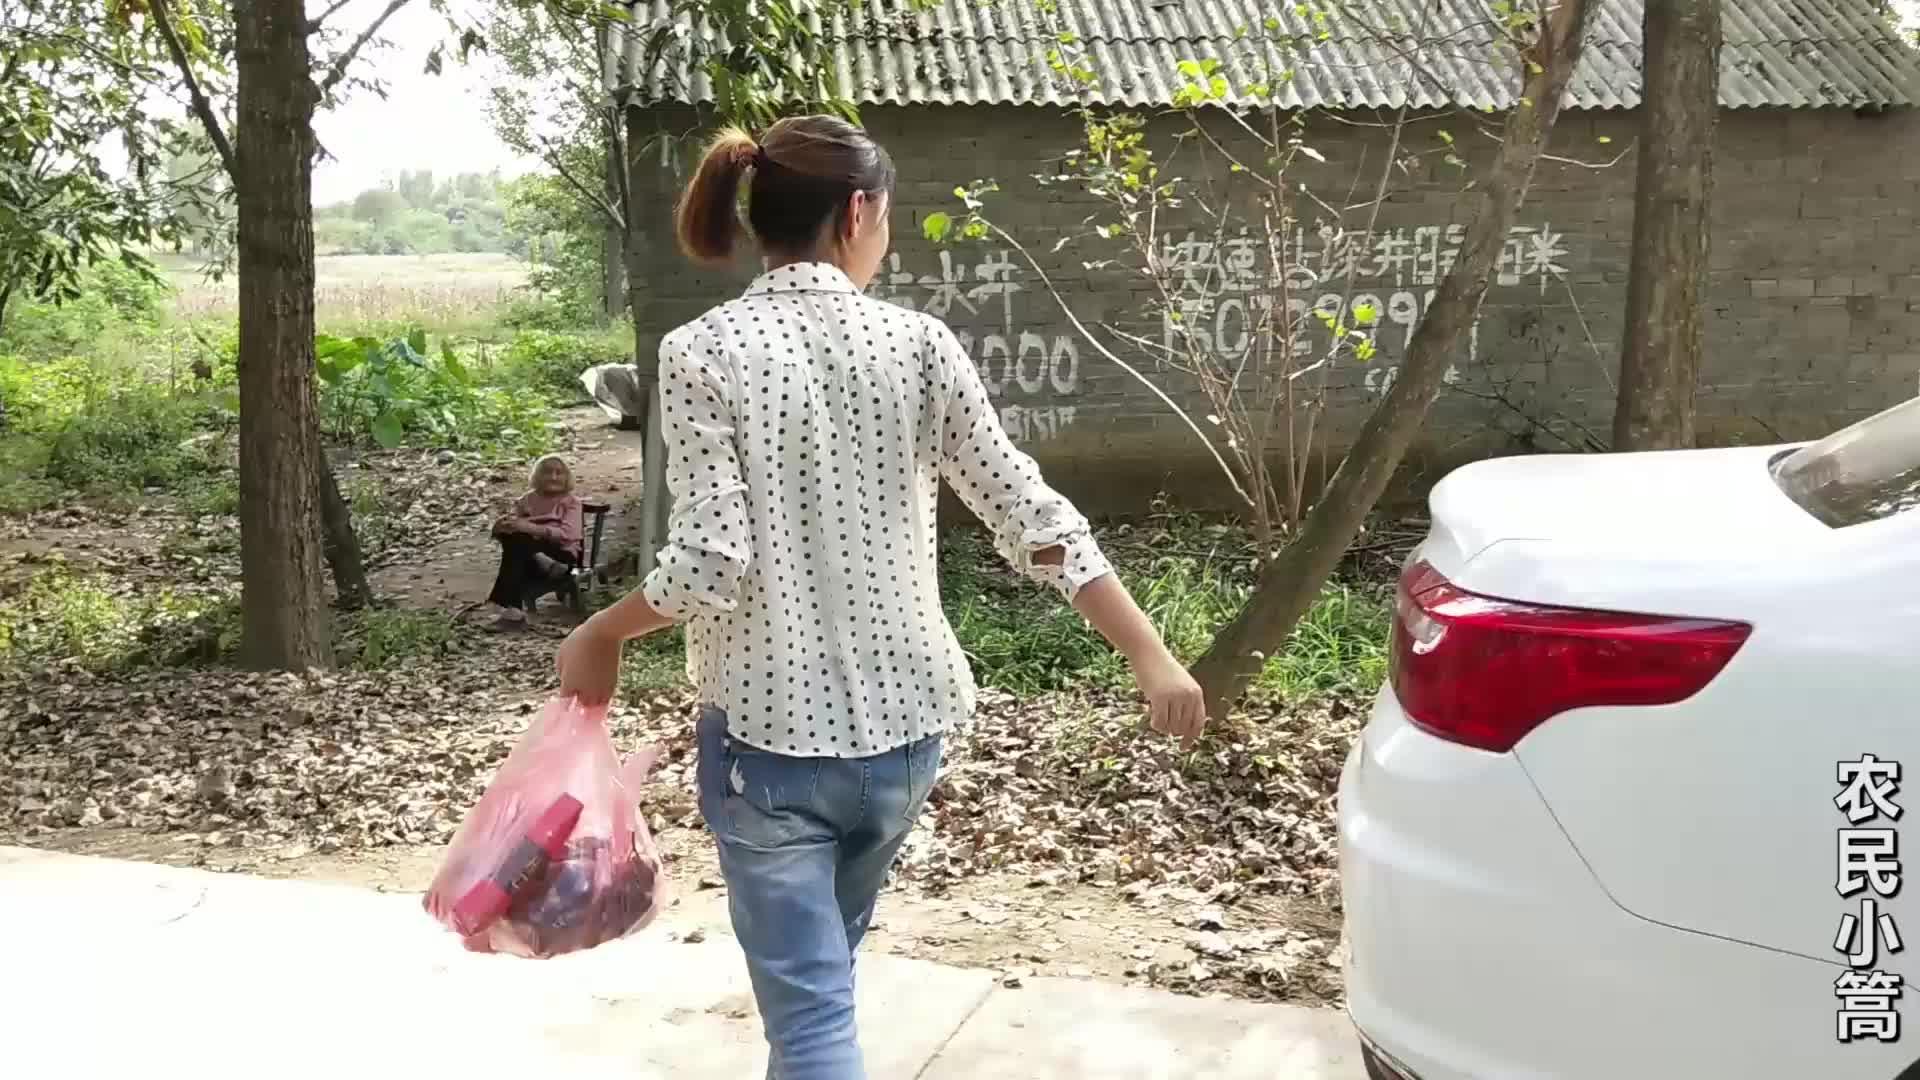 中秋节快到了,农村85岁老奶奶将要怎么过节?看她平时吃的啥